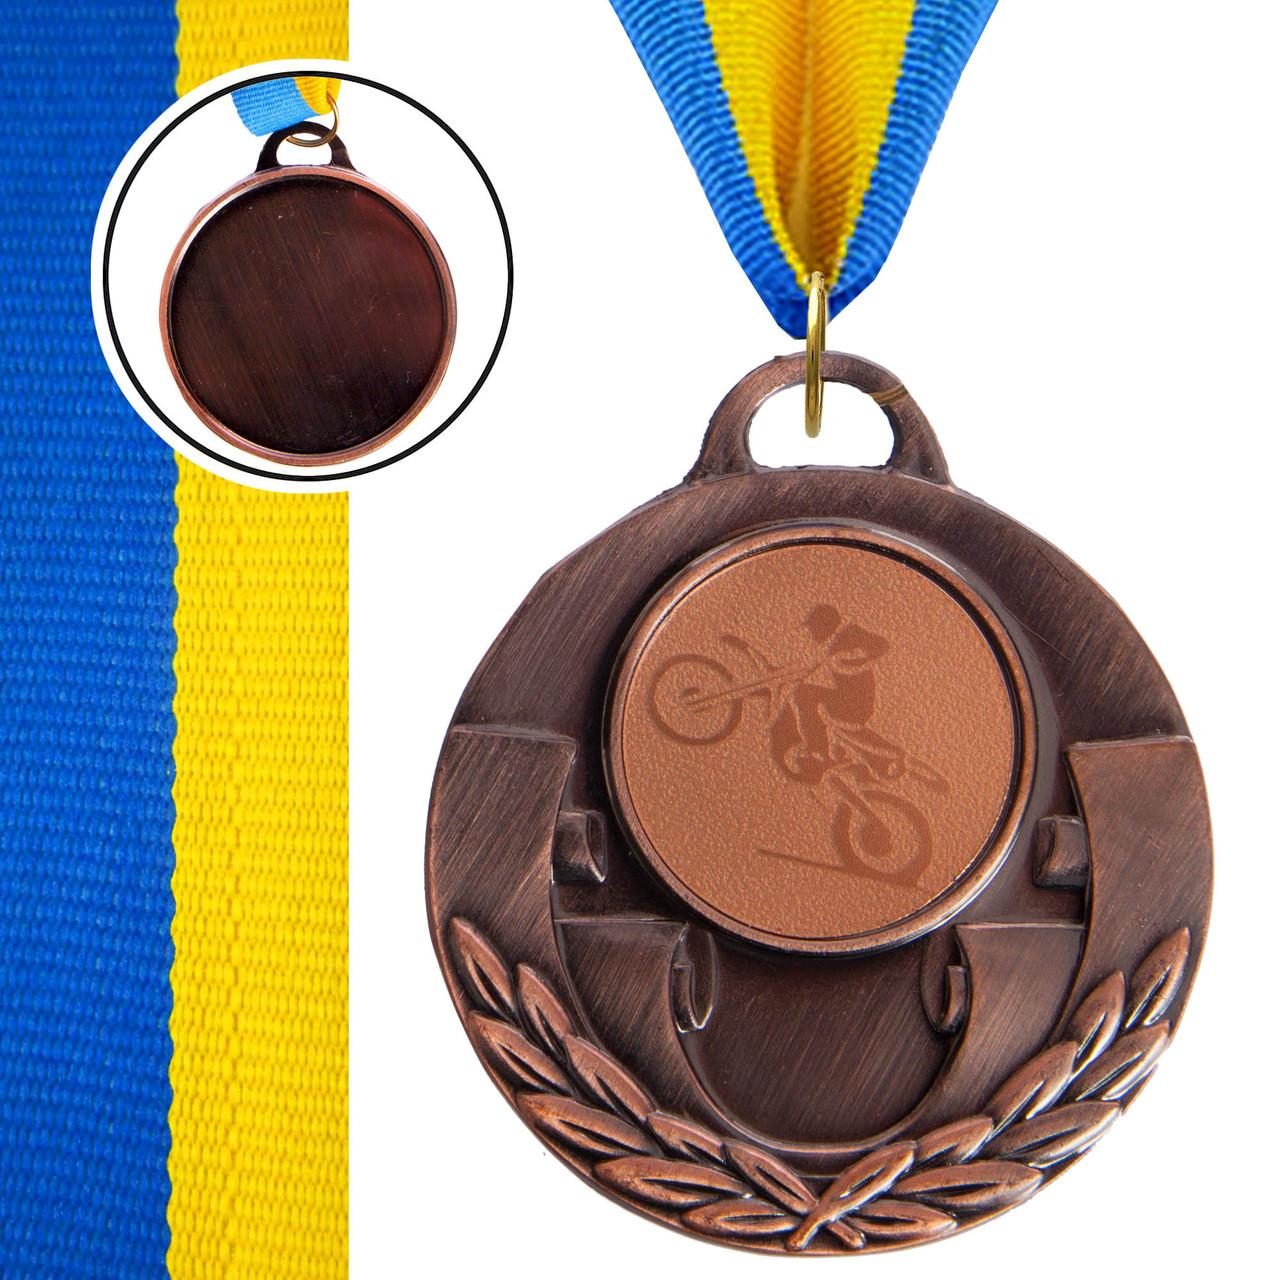 Медаль спортивная с лентой AIM d-5см Мотогонки (металл, 25g, 1-золото, 2-серебро, 3-бронза) Бронзовый PZ-C-4846-0035_1